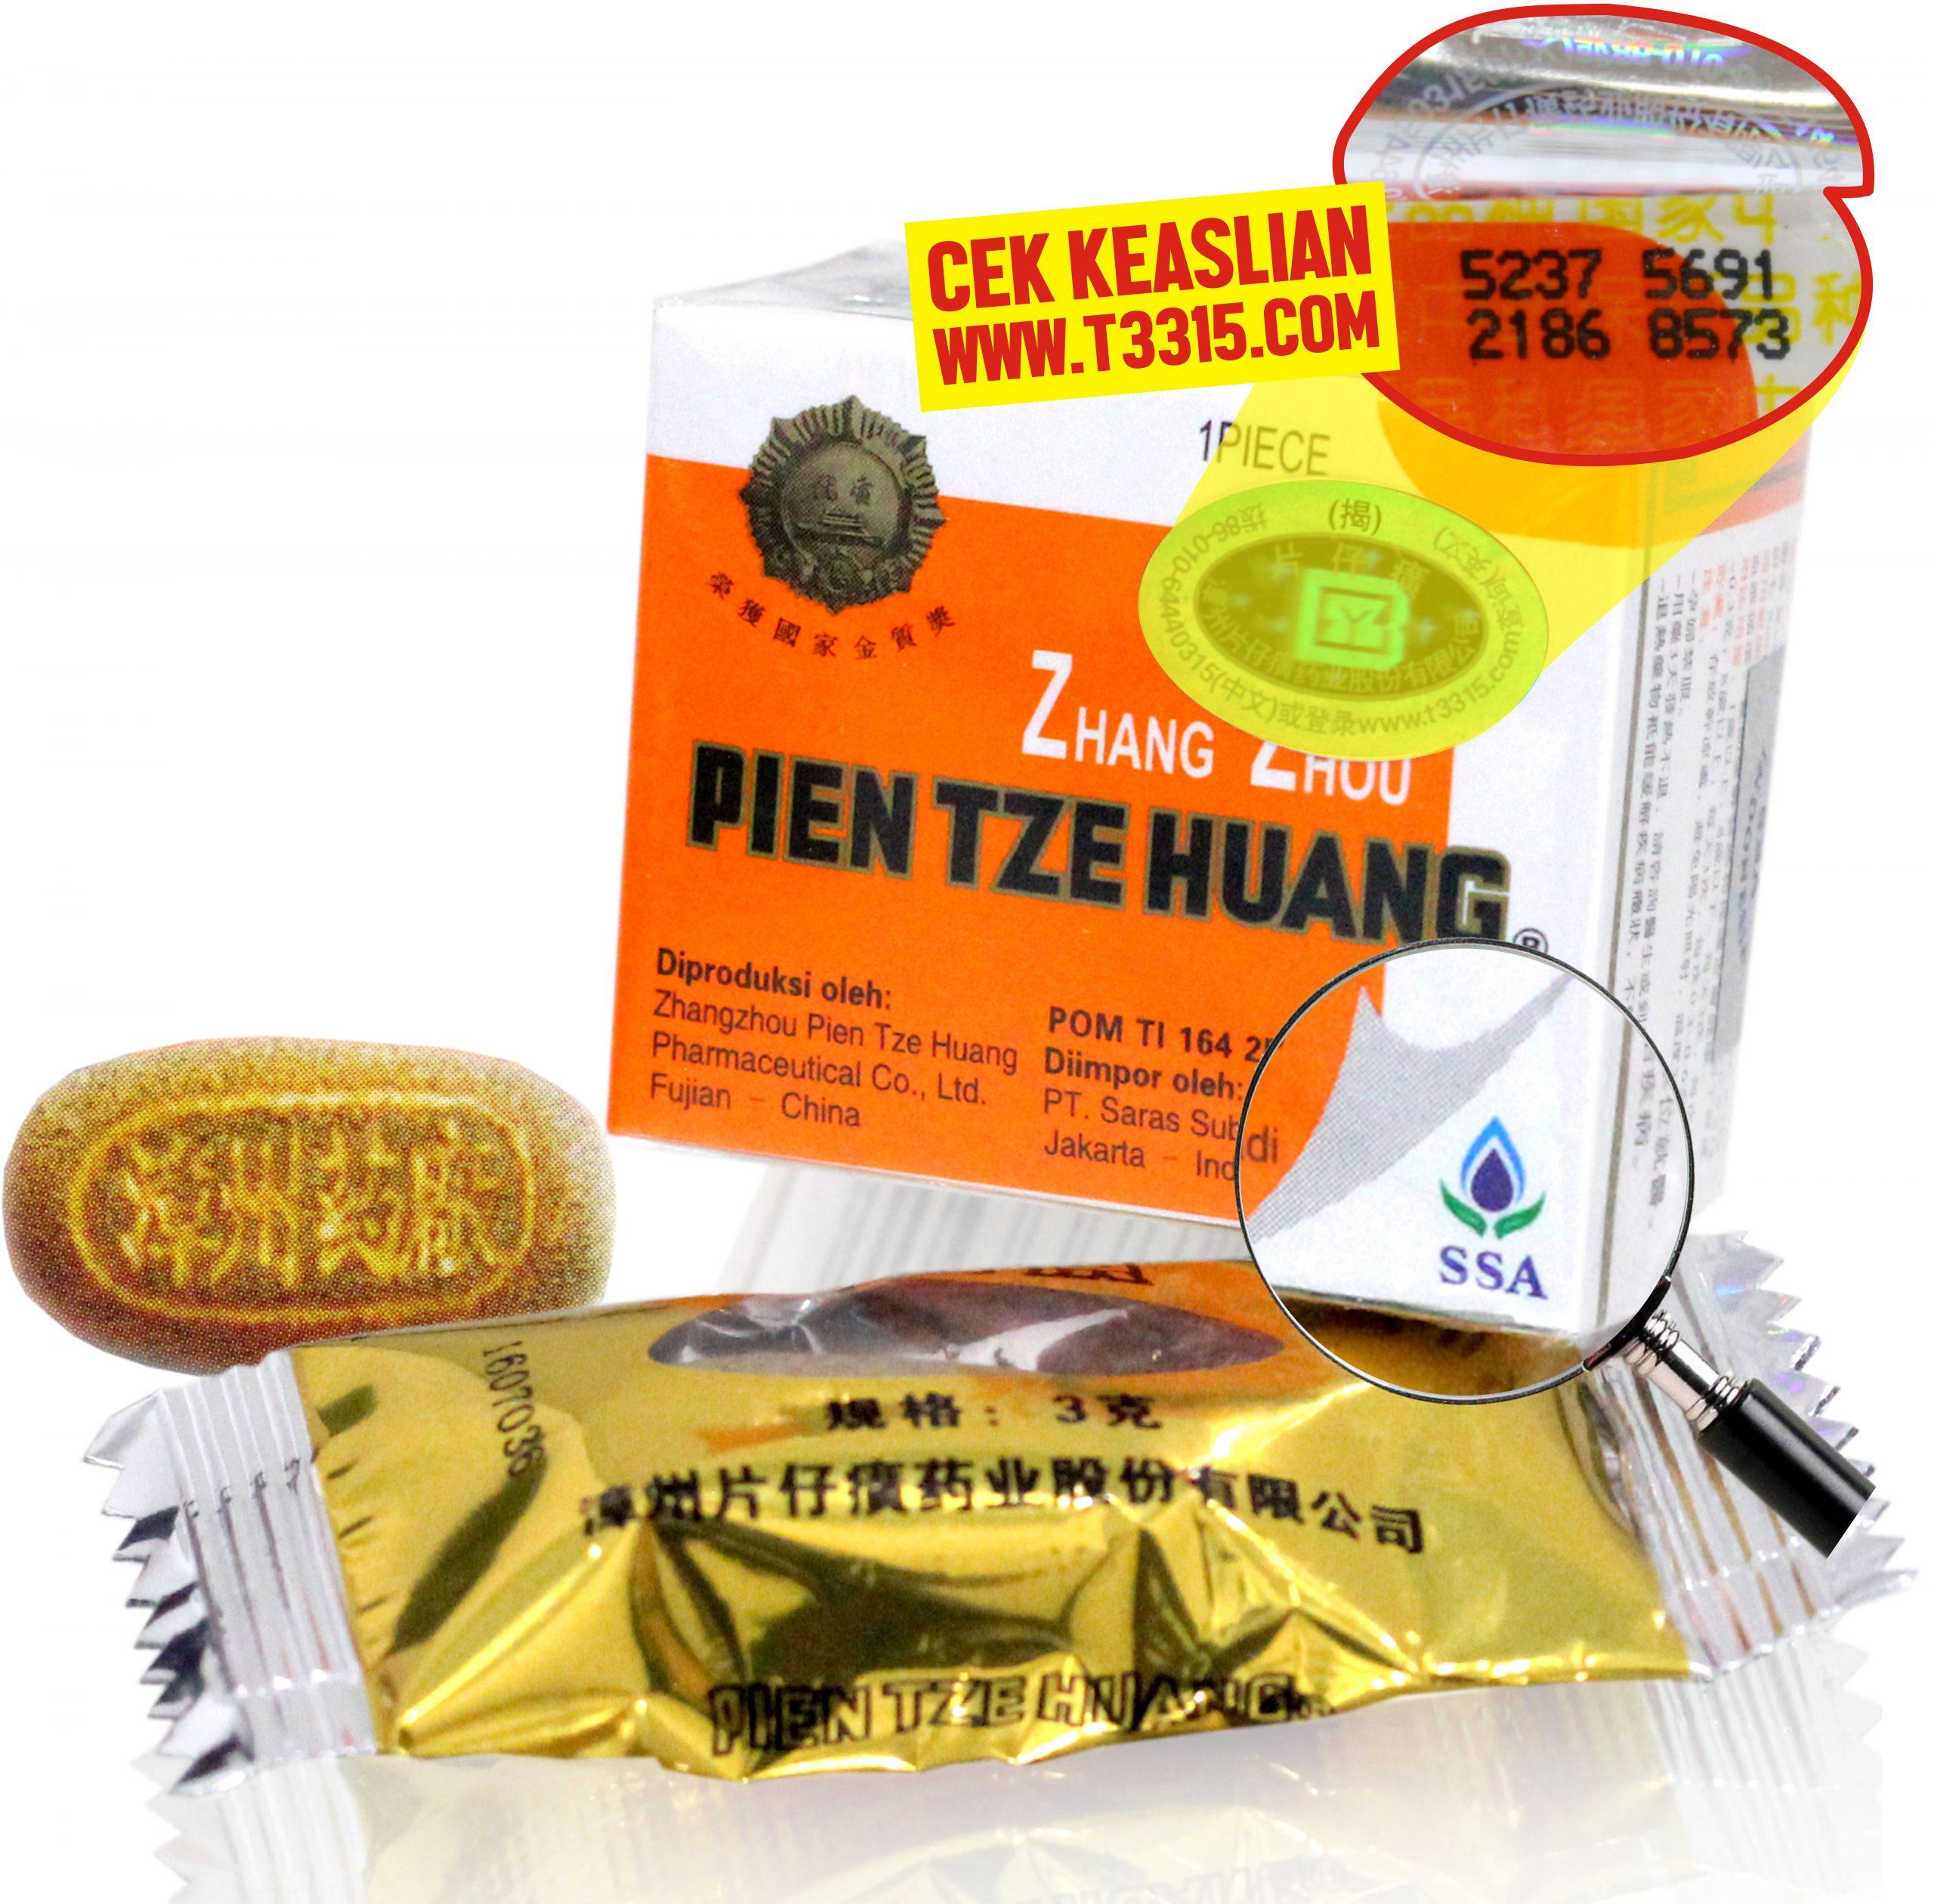 Mengapa Pilih Pien Tze Huang untuk Pengobatan Tipes? Berikut Penjelasannya